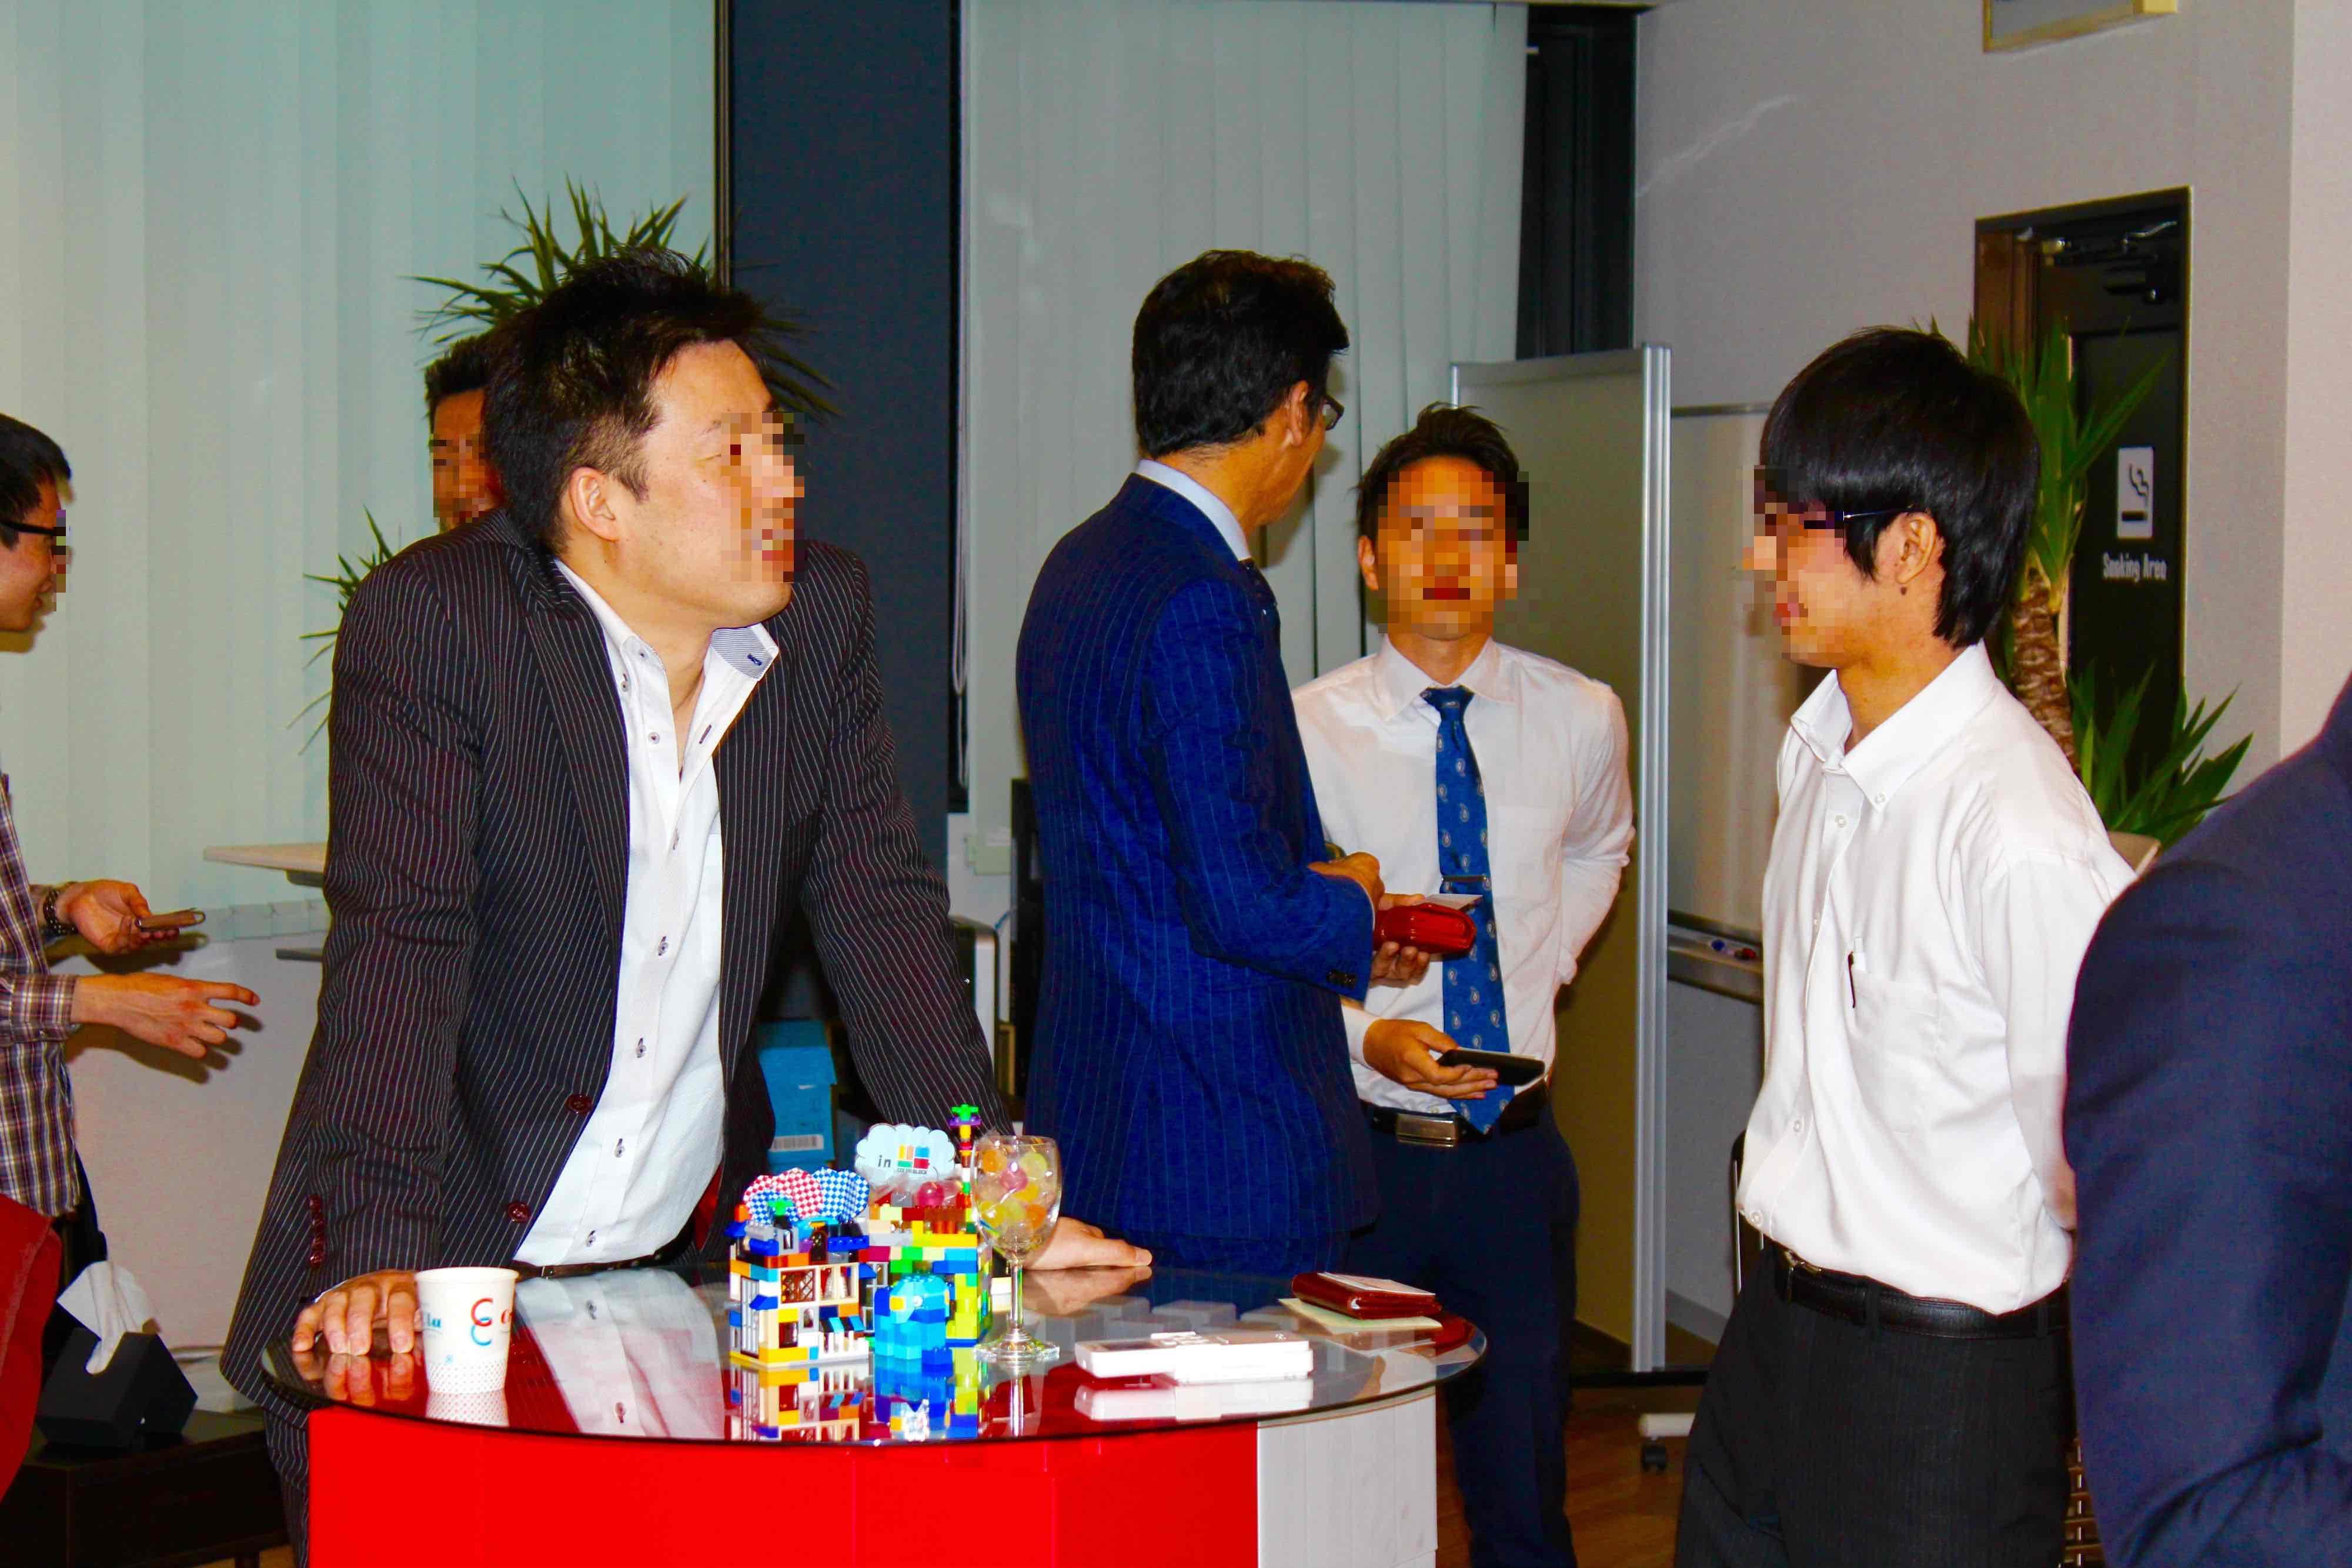 第45回名古屋異業種交流会、名刺交換会イベントレポートその3